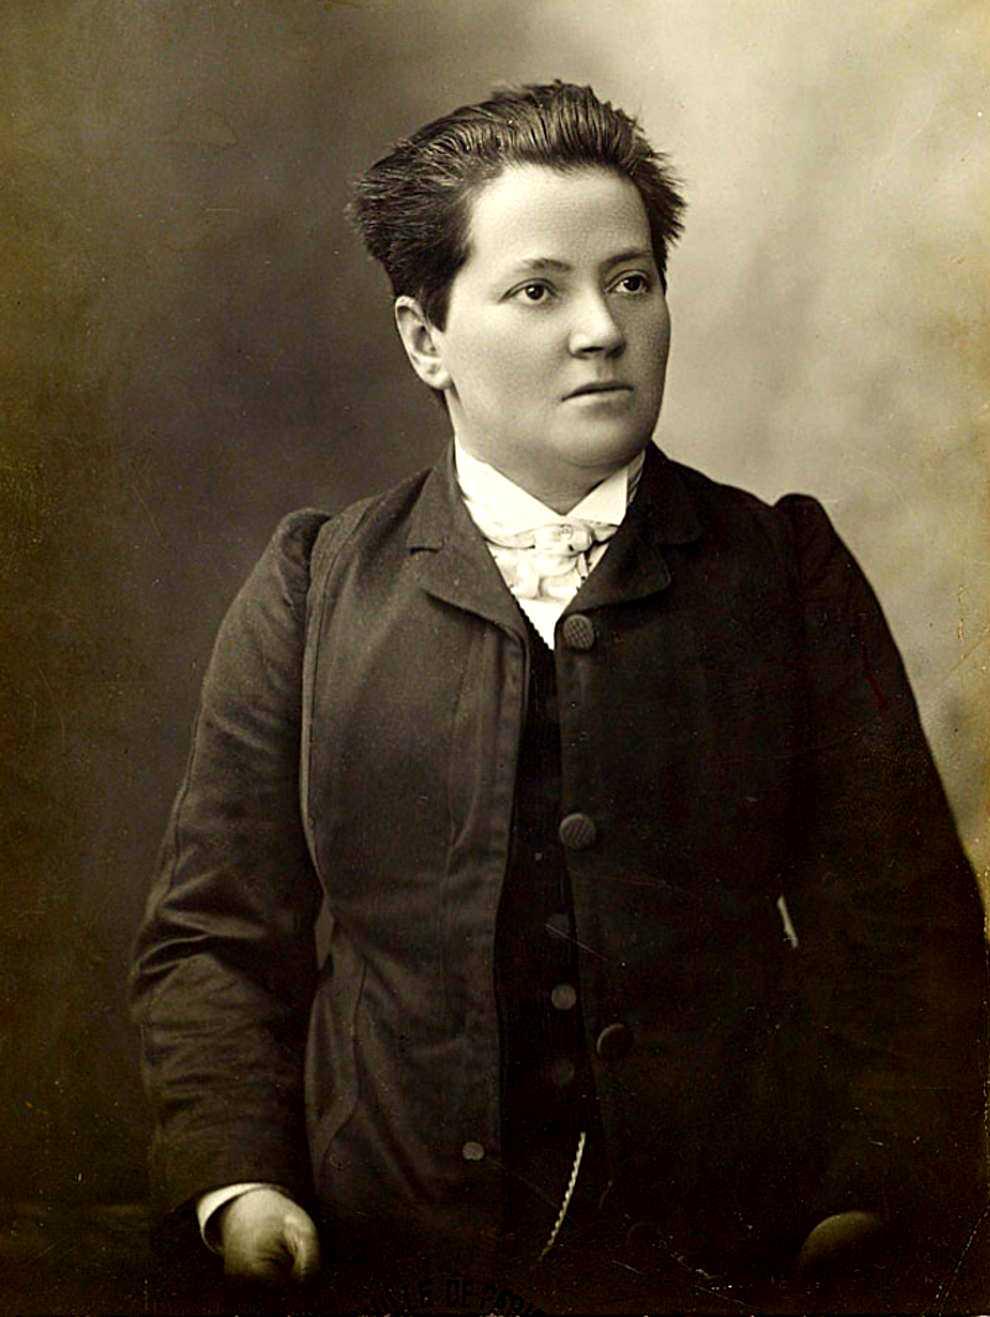 Madeleine Pelletier fotografiada per Henri Manuel a París entre 1900 i 1905